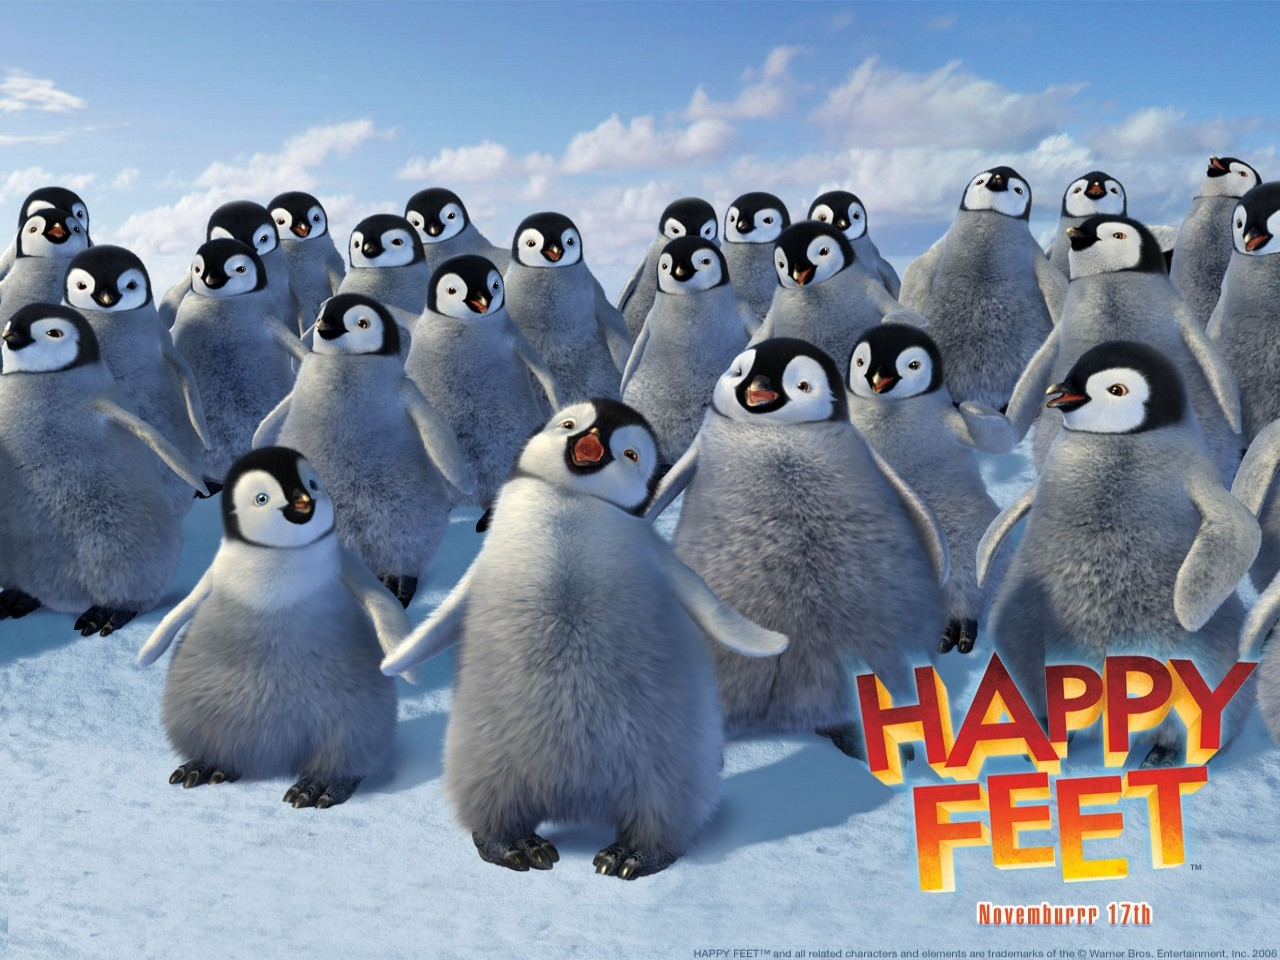 Wallpaper del film Happy Feet con un gruppo di pinguini